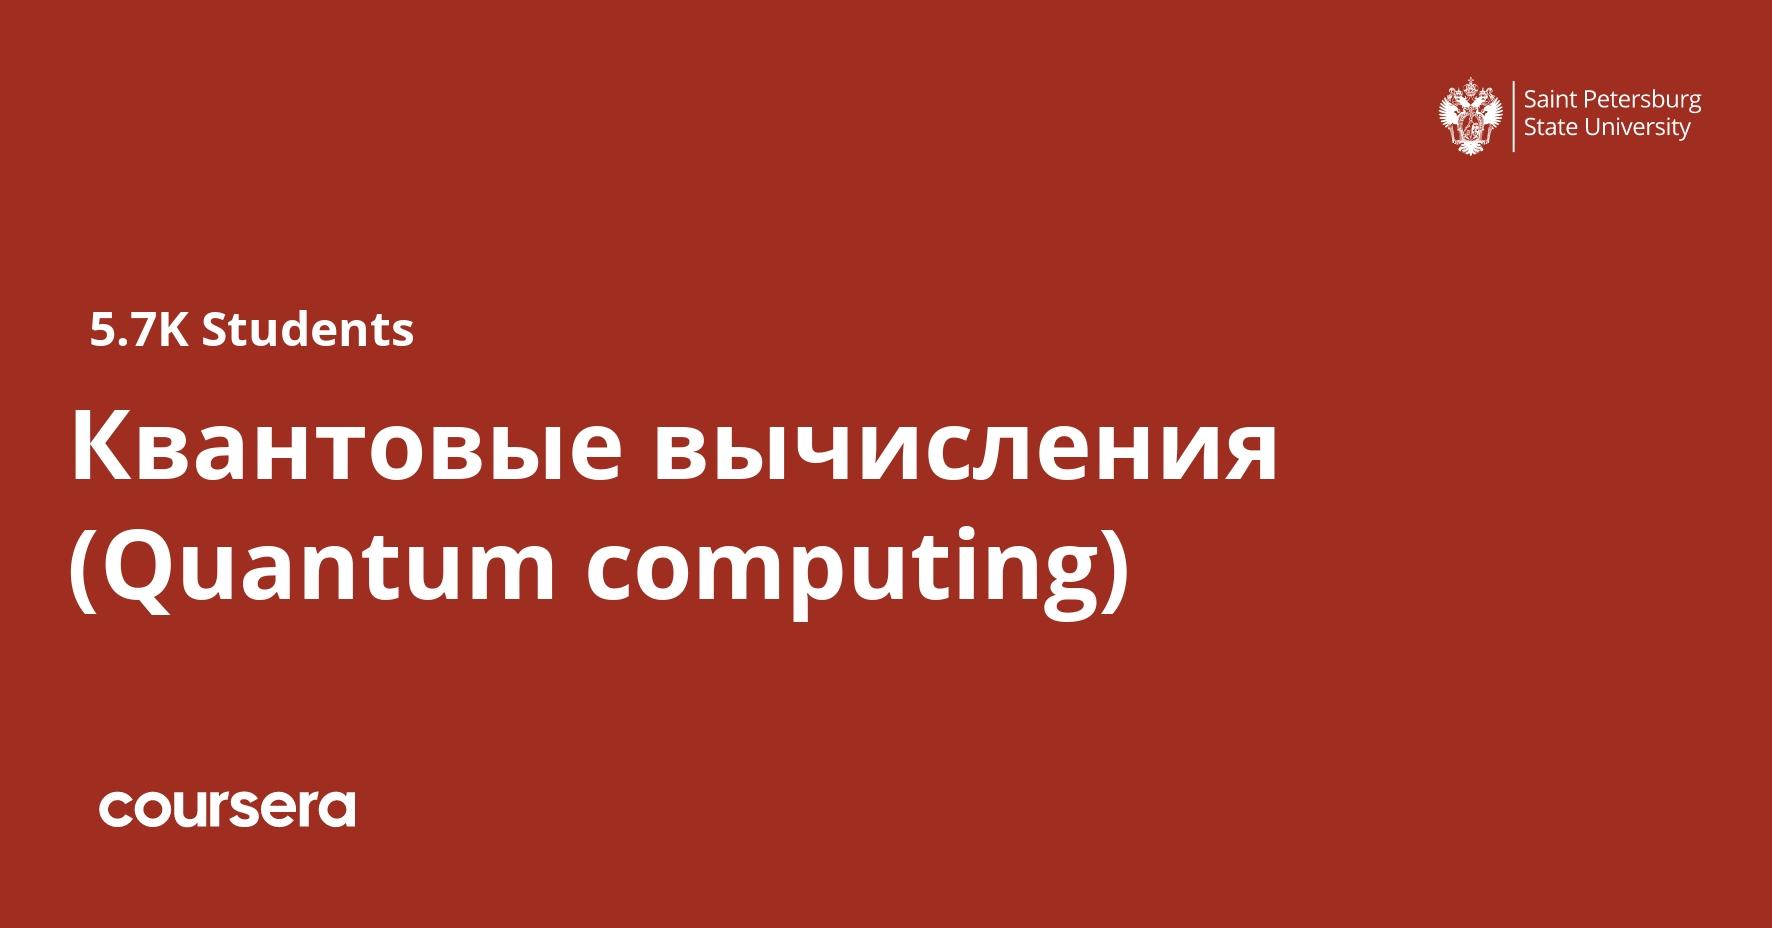 Квантовые вычисления (Quantum computing) (Coursera)